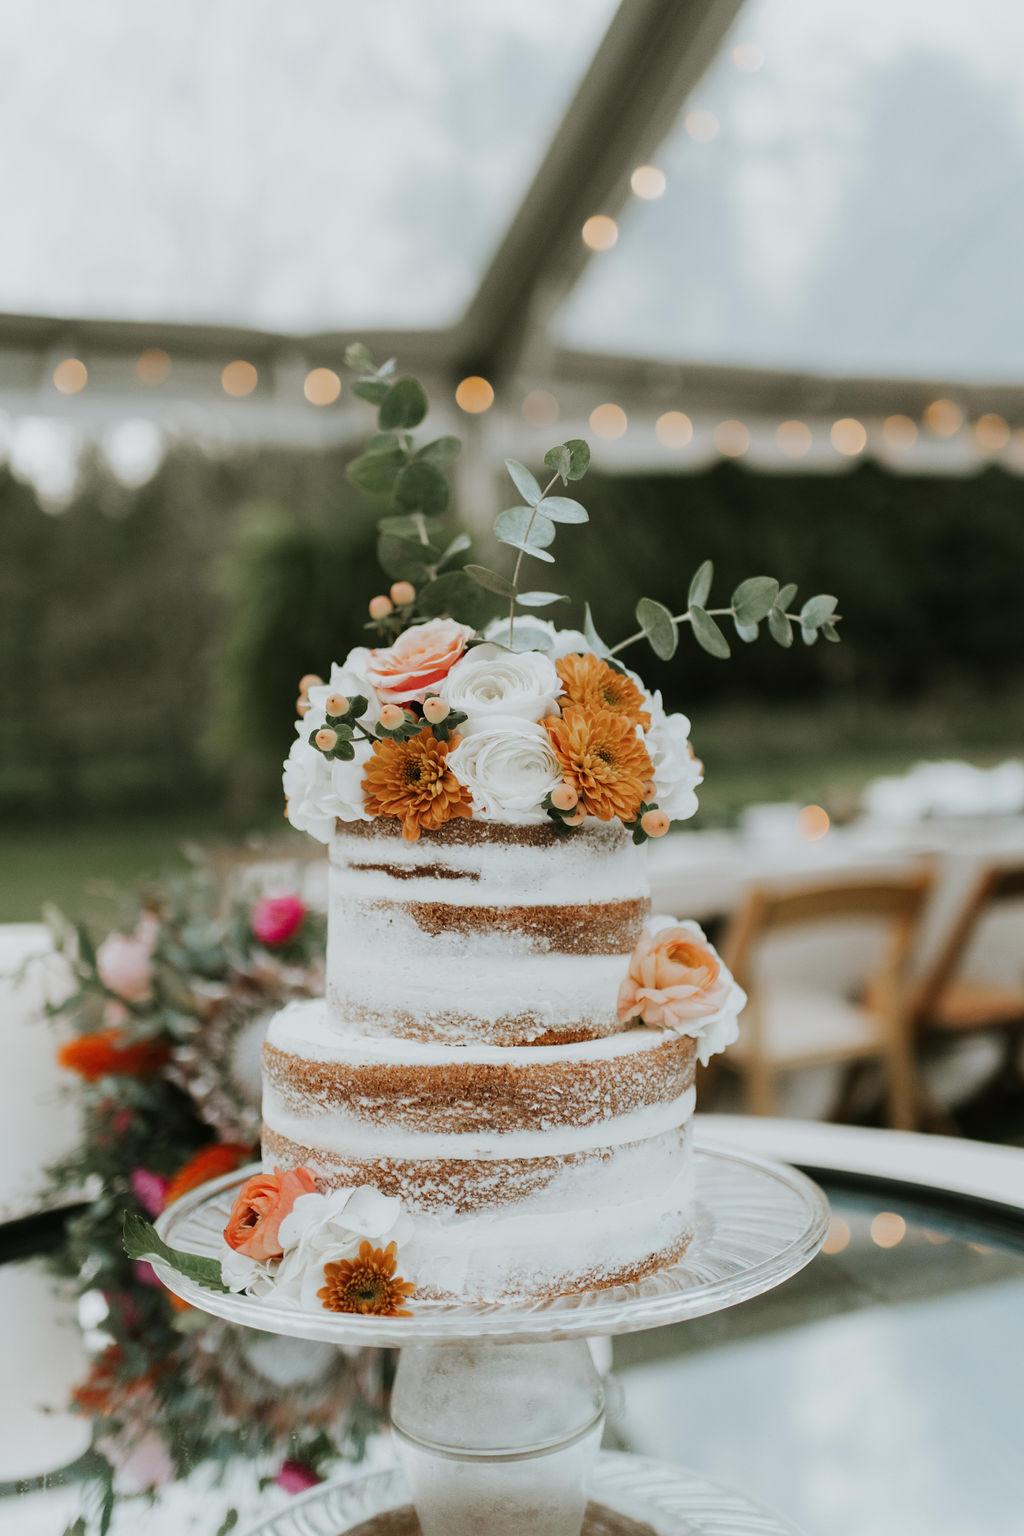 backyard-wedding-cake-scraped-cake-terrapin-village.jpg